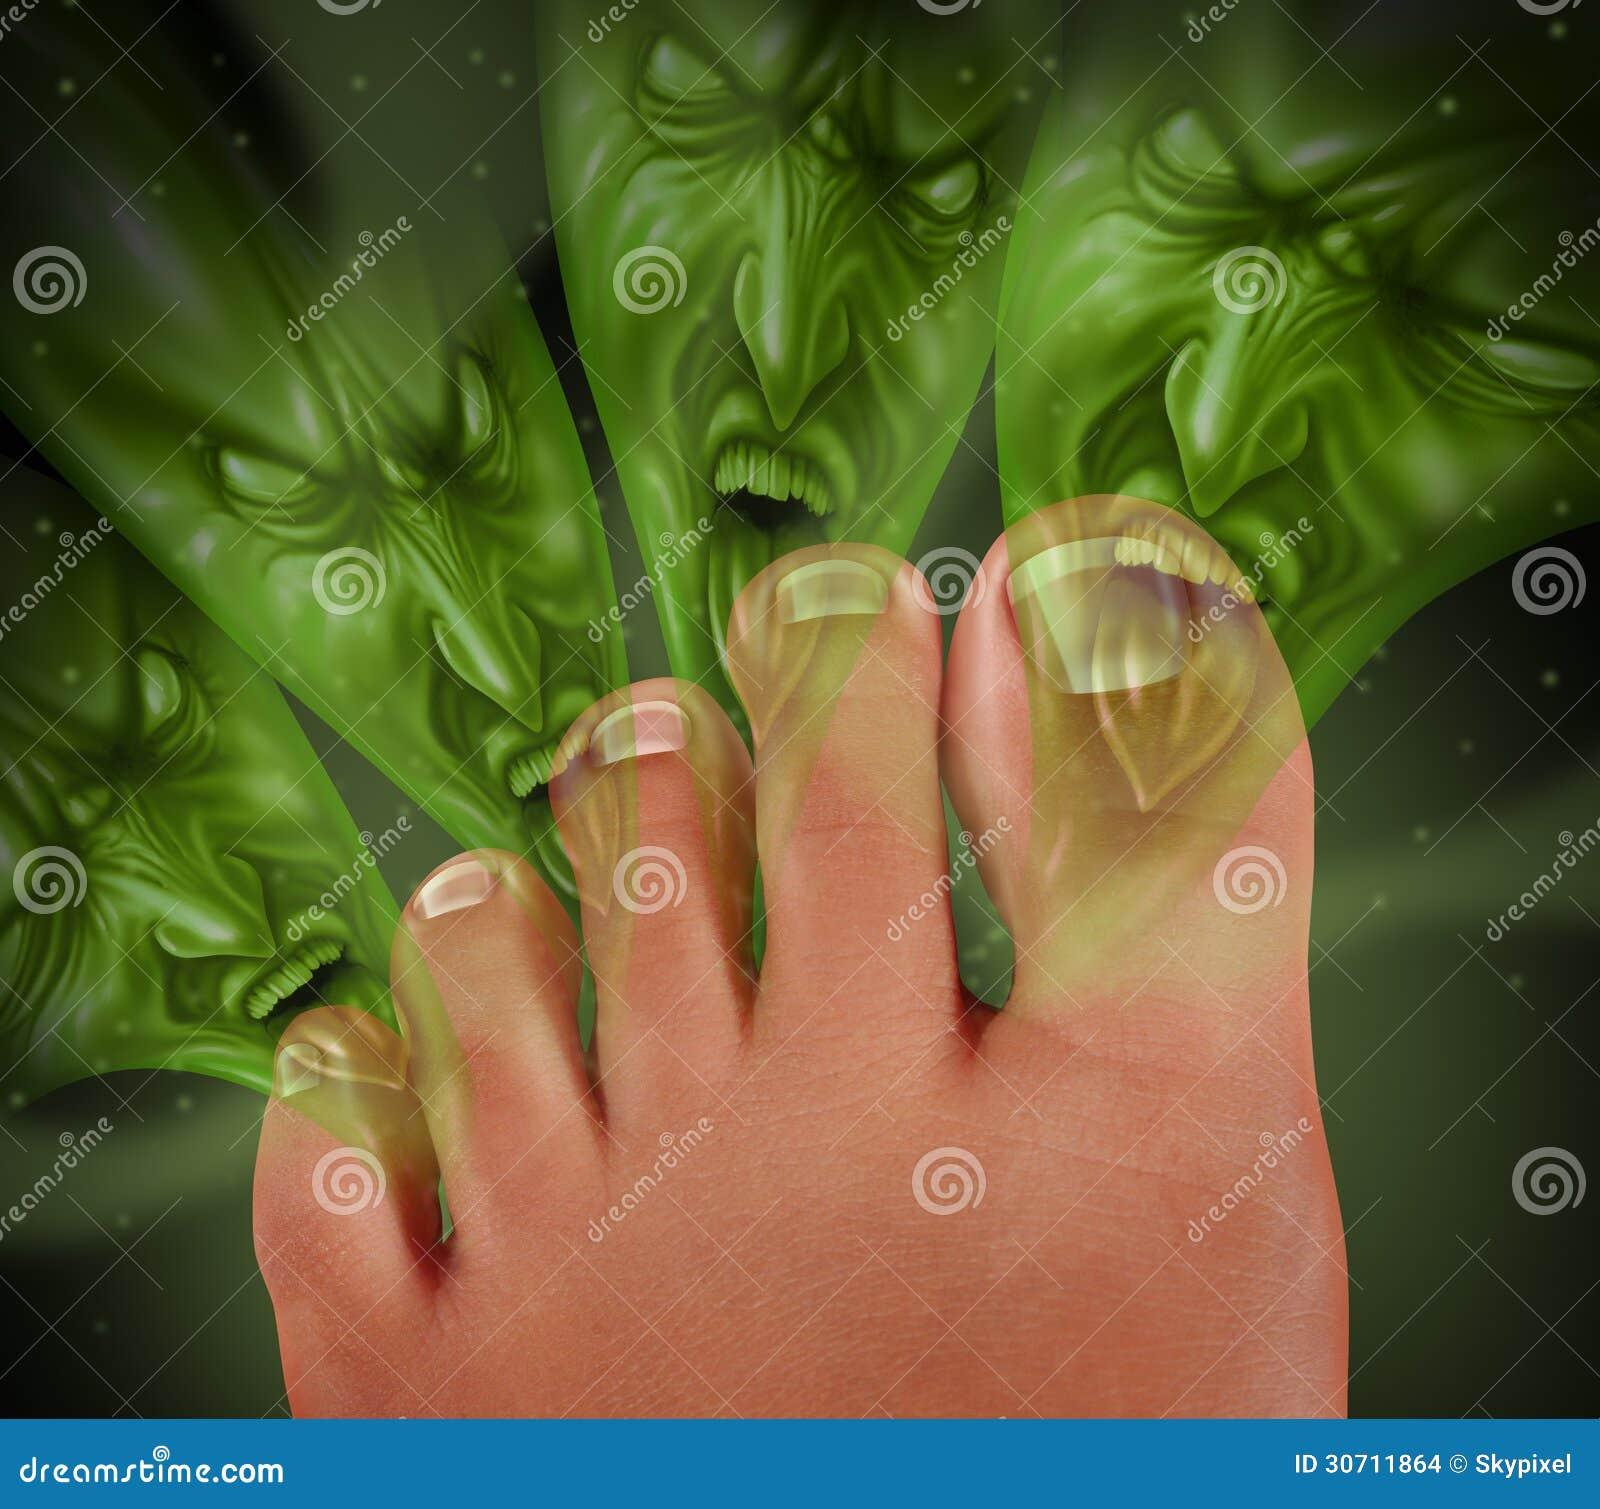 El precio el medio para el tratamiento del hongo de las uñas en los pies el precio